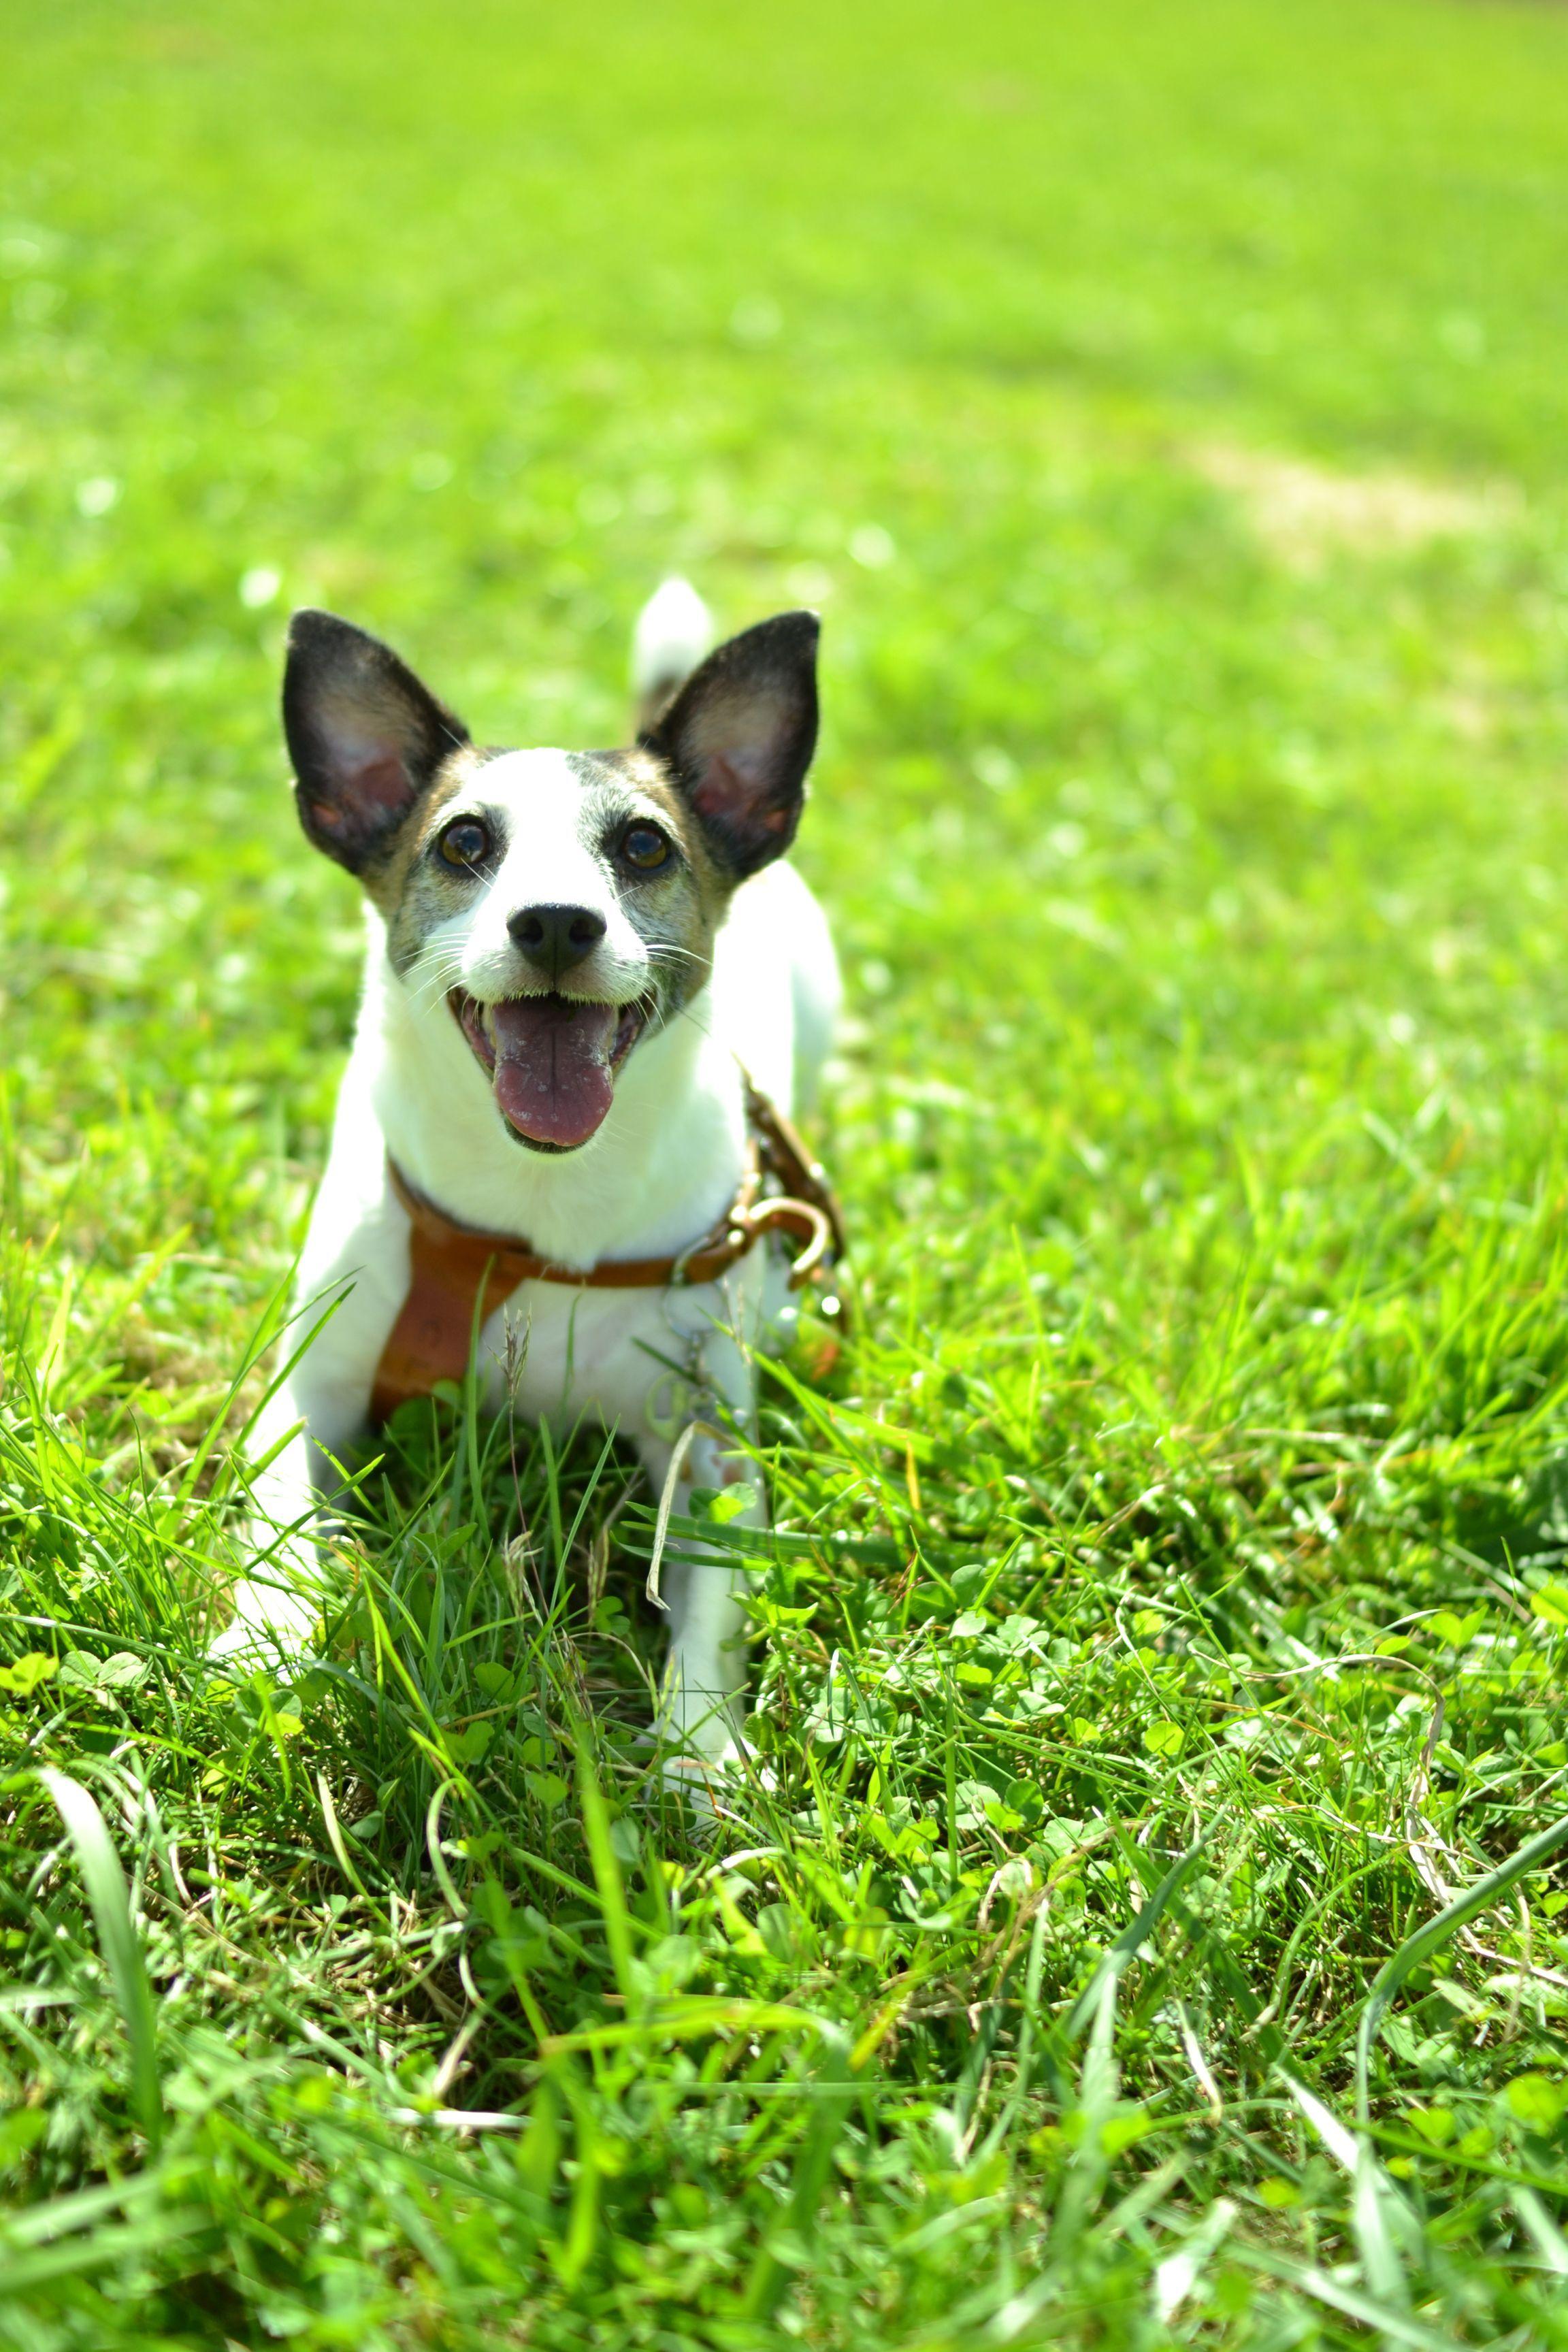 お名前 クリップ ちゃん 神奈川県在住 ジャック ラッセル テリア メス 6歳 我が家の小さな怪獣です 自分の事をたぶん犬と思っておらず 犬が苦手 なぜか若いイケメンが大好き 自分の体の数倍もある ジャックラッセルテリア ワンコ 犬